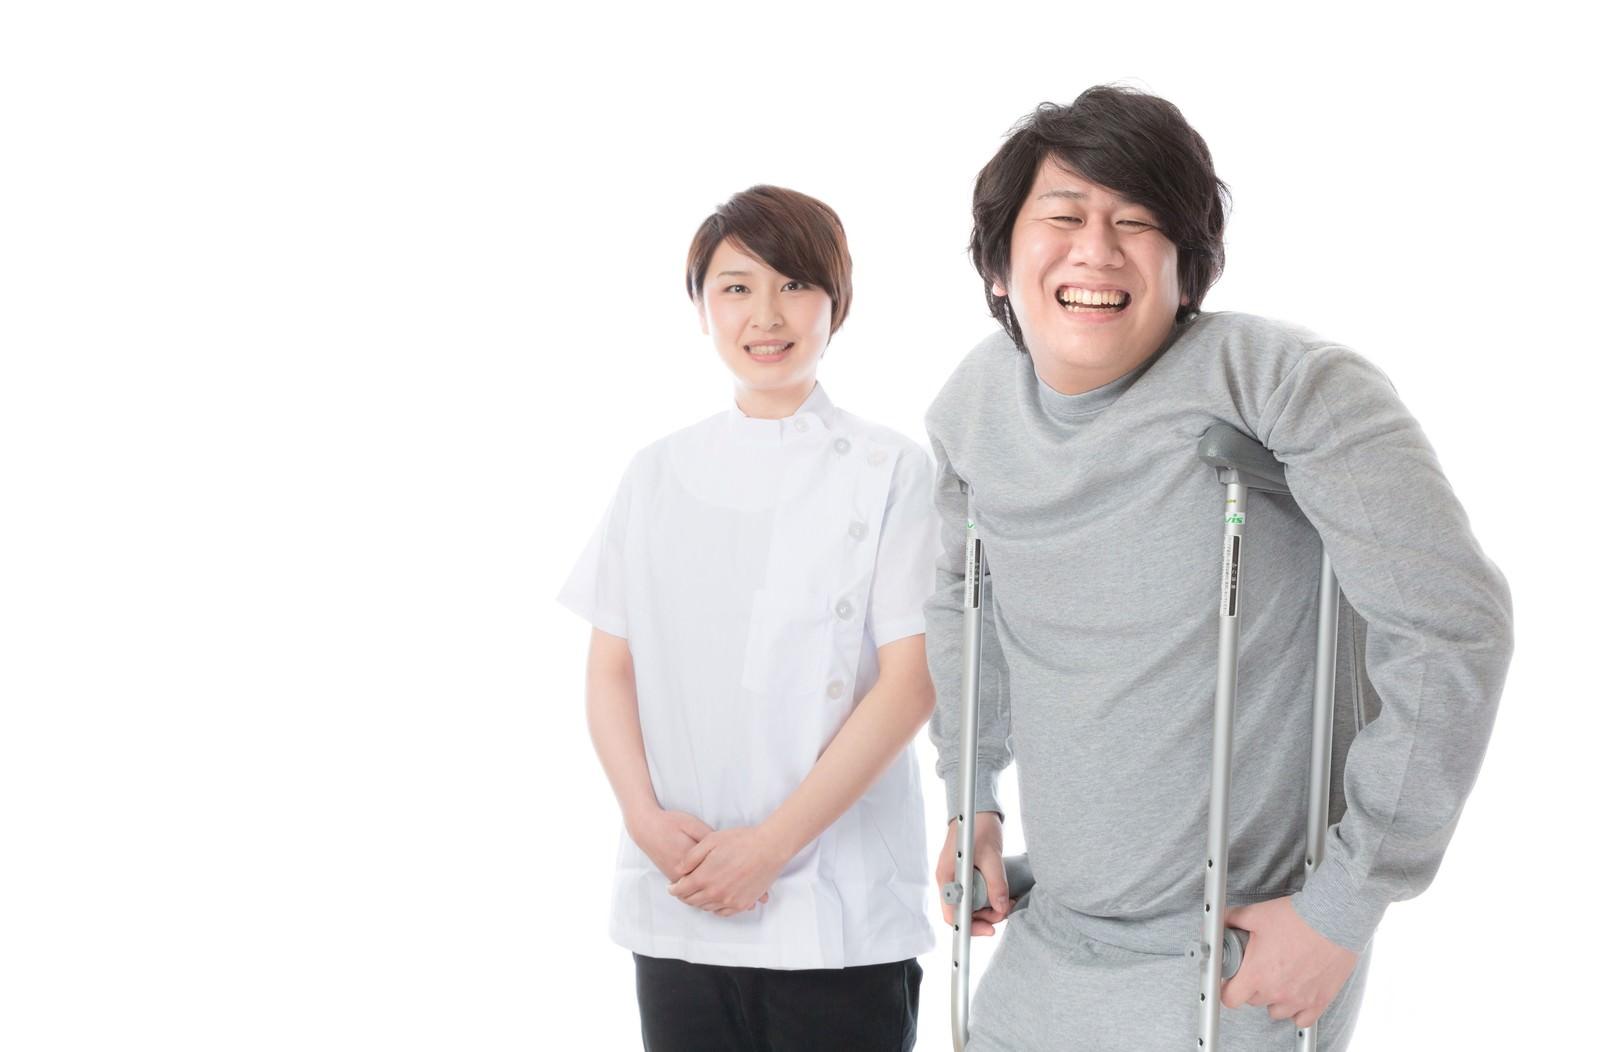 「介護・リハビリテーションの現場で活躍する理学療法士」の写真[モデル:八木彩香 あまのじゃく]